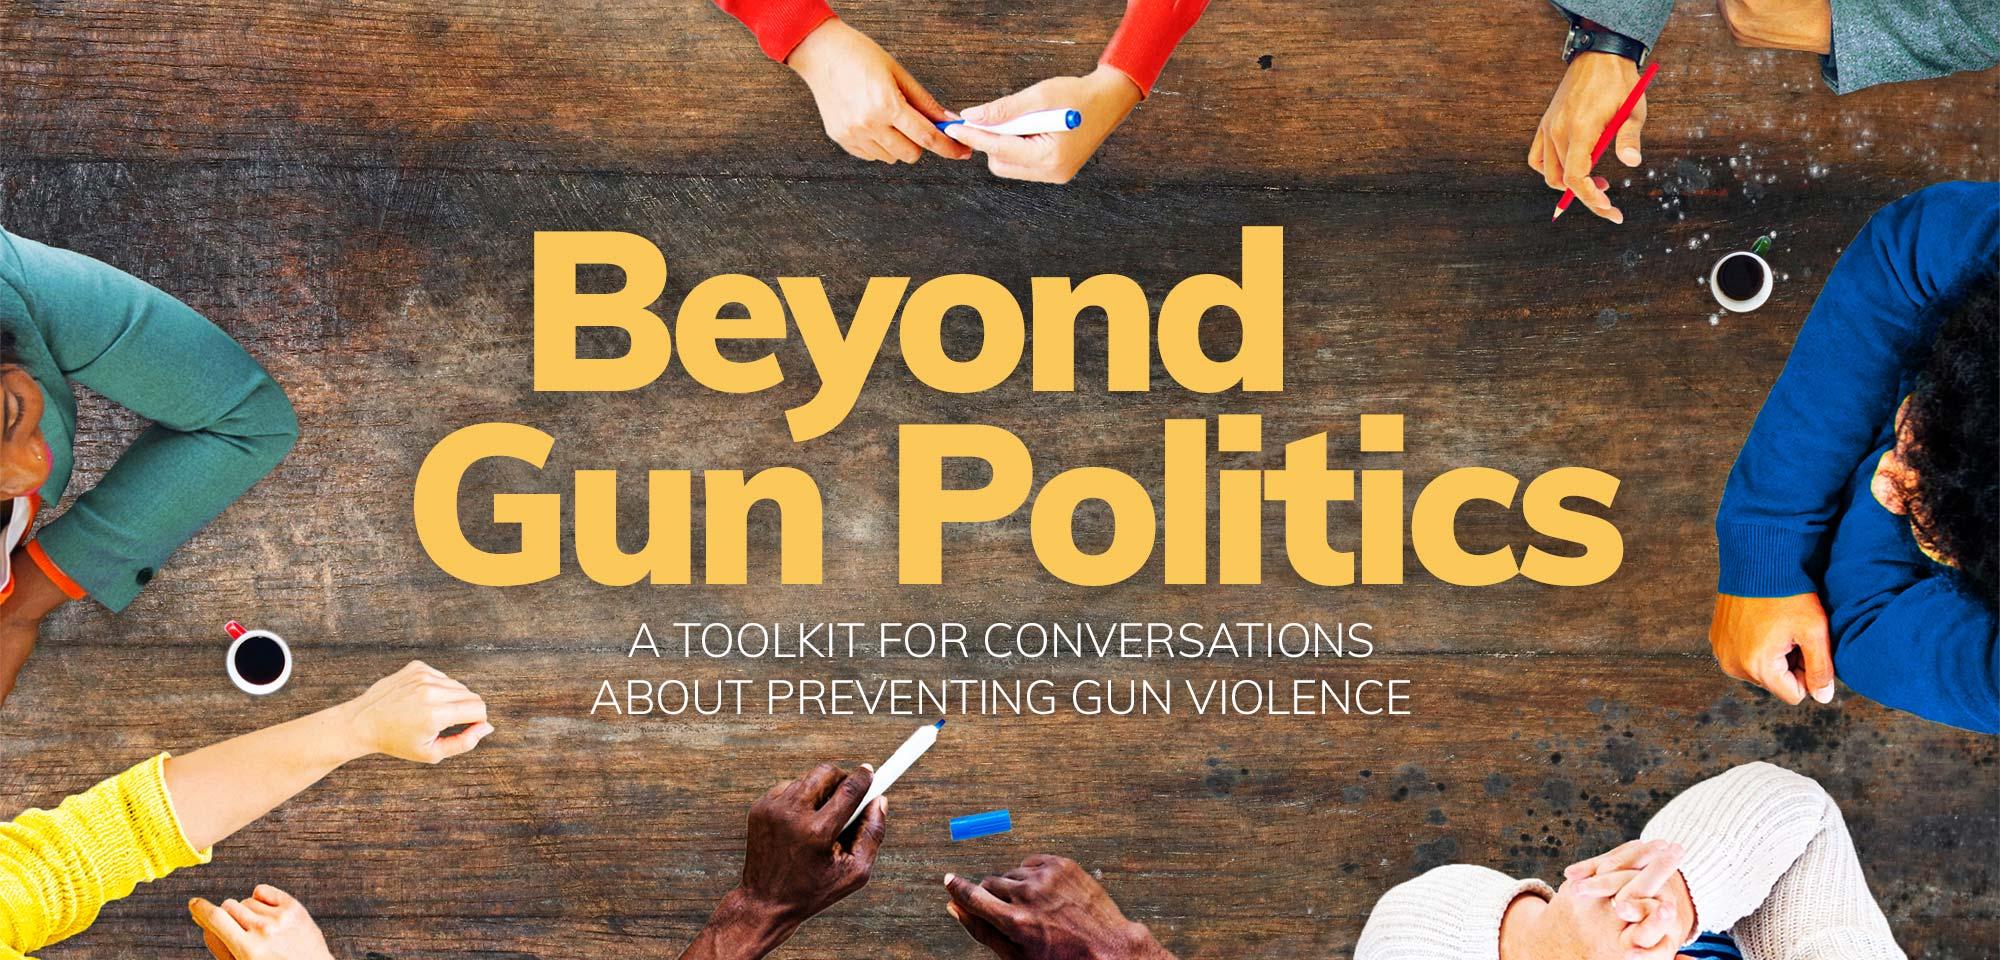 Beyond Gun Politics